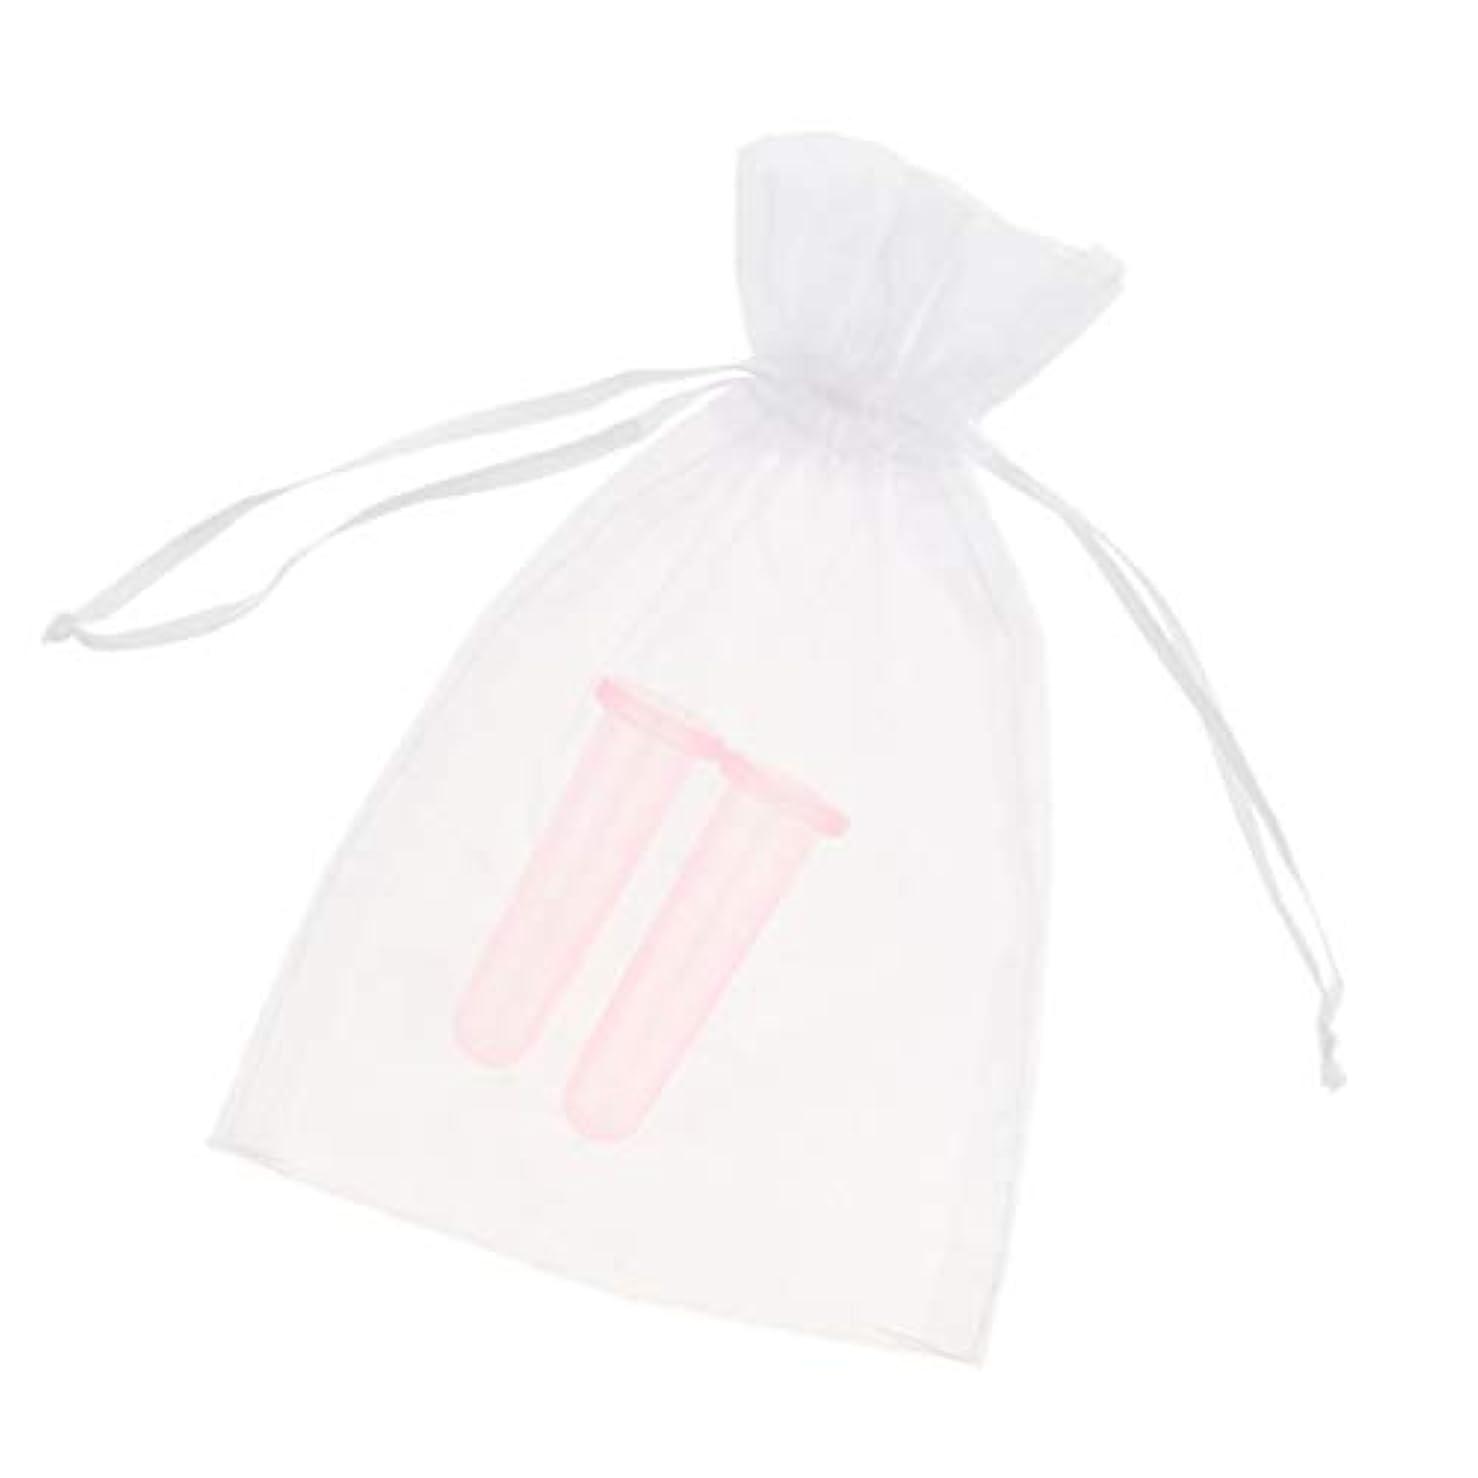 振動させる花婿悪意のある全2色 シリコーン製 真空 顔用マッサージ カッピング 吸い玉カップ カッピング 収納ポーチ付き 2個 - ピンク